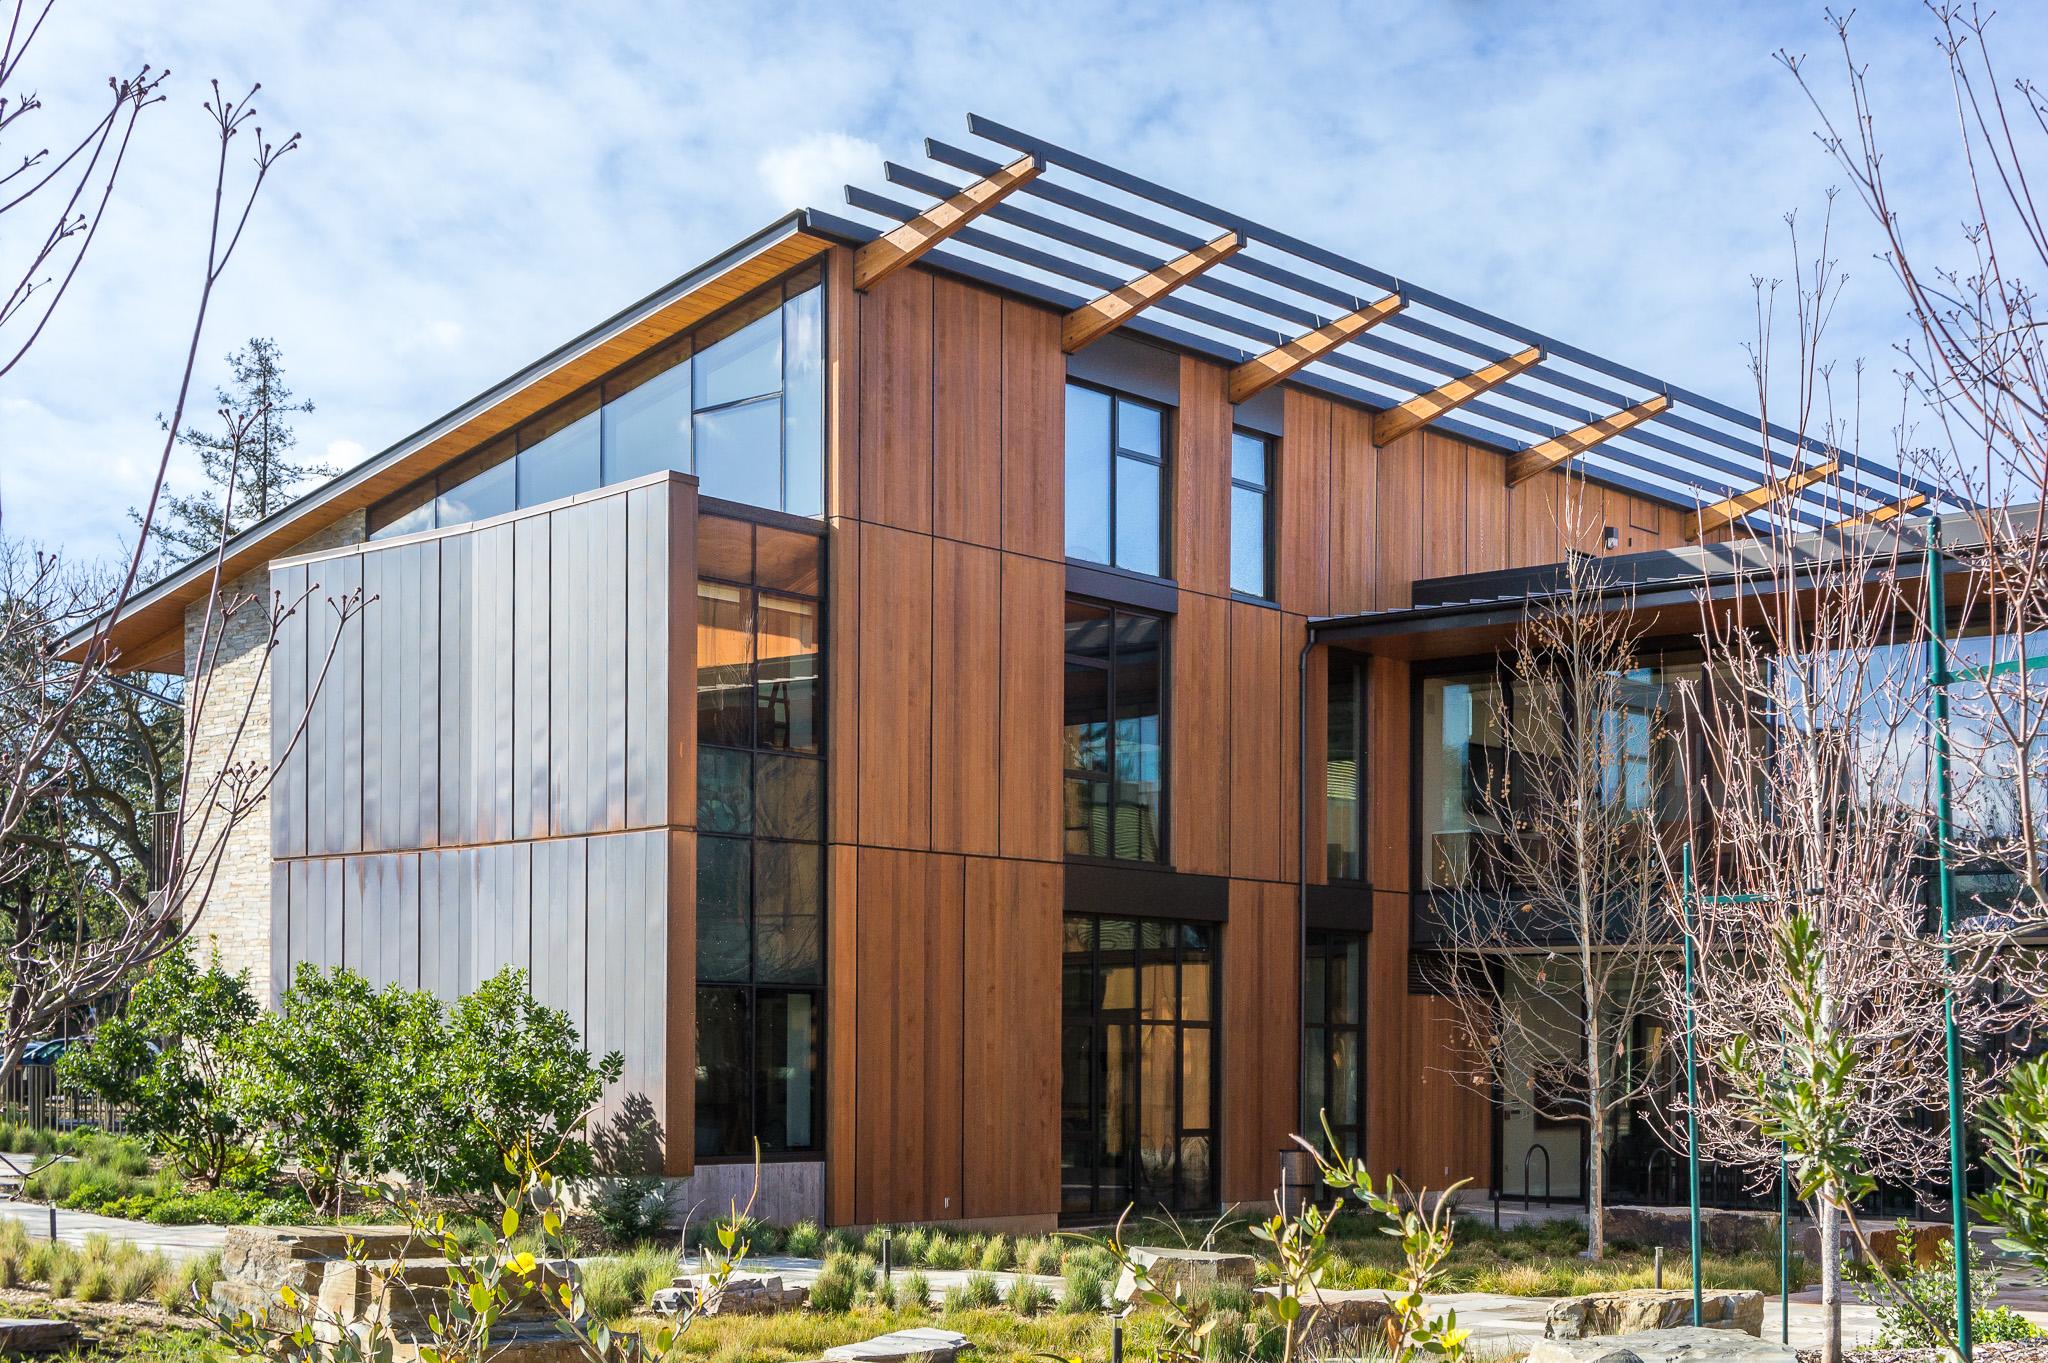 Exterior sheathing exterior sheathing exterior sheathing exterior sheathing exterior Materials for exterior walls